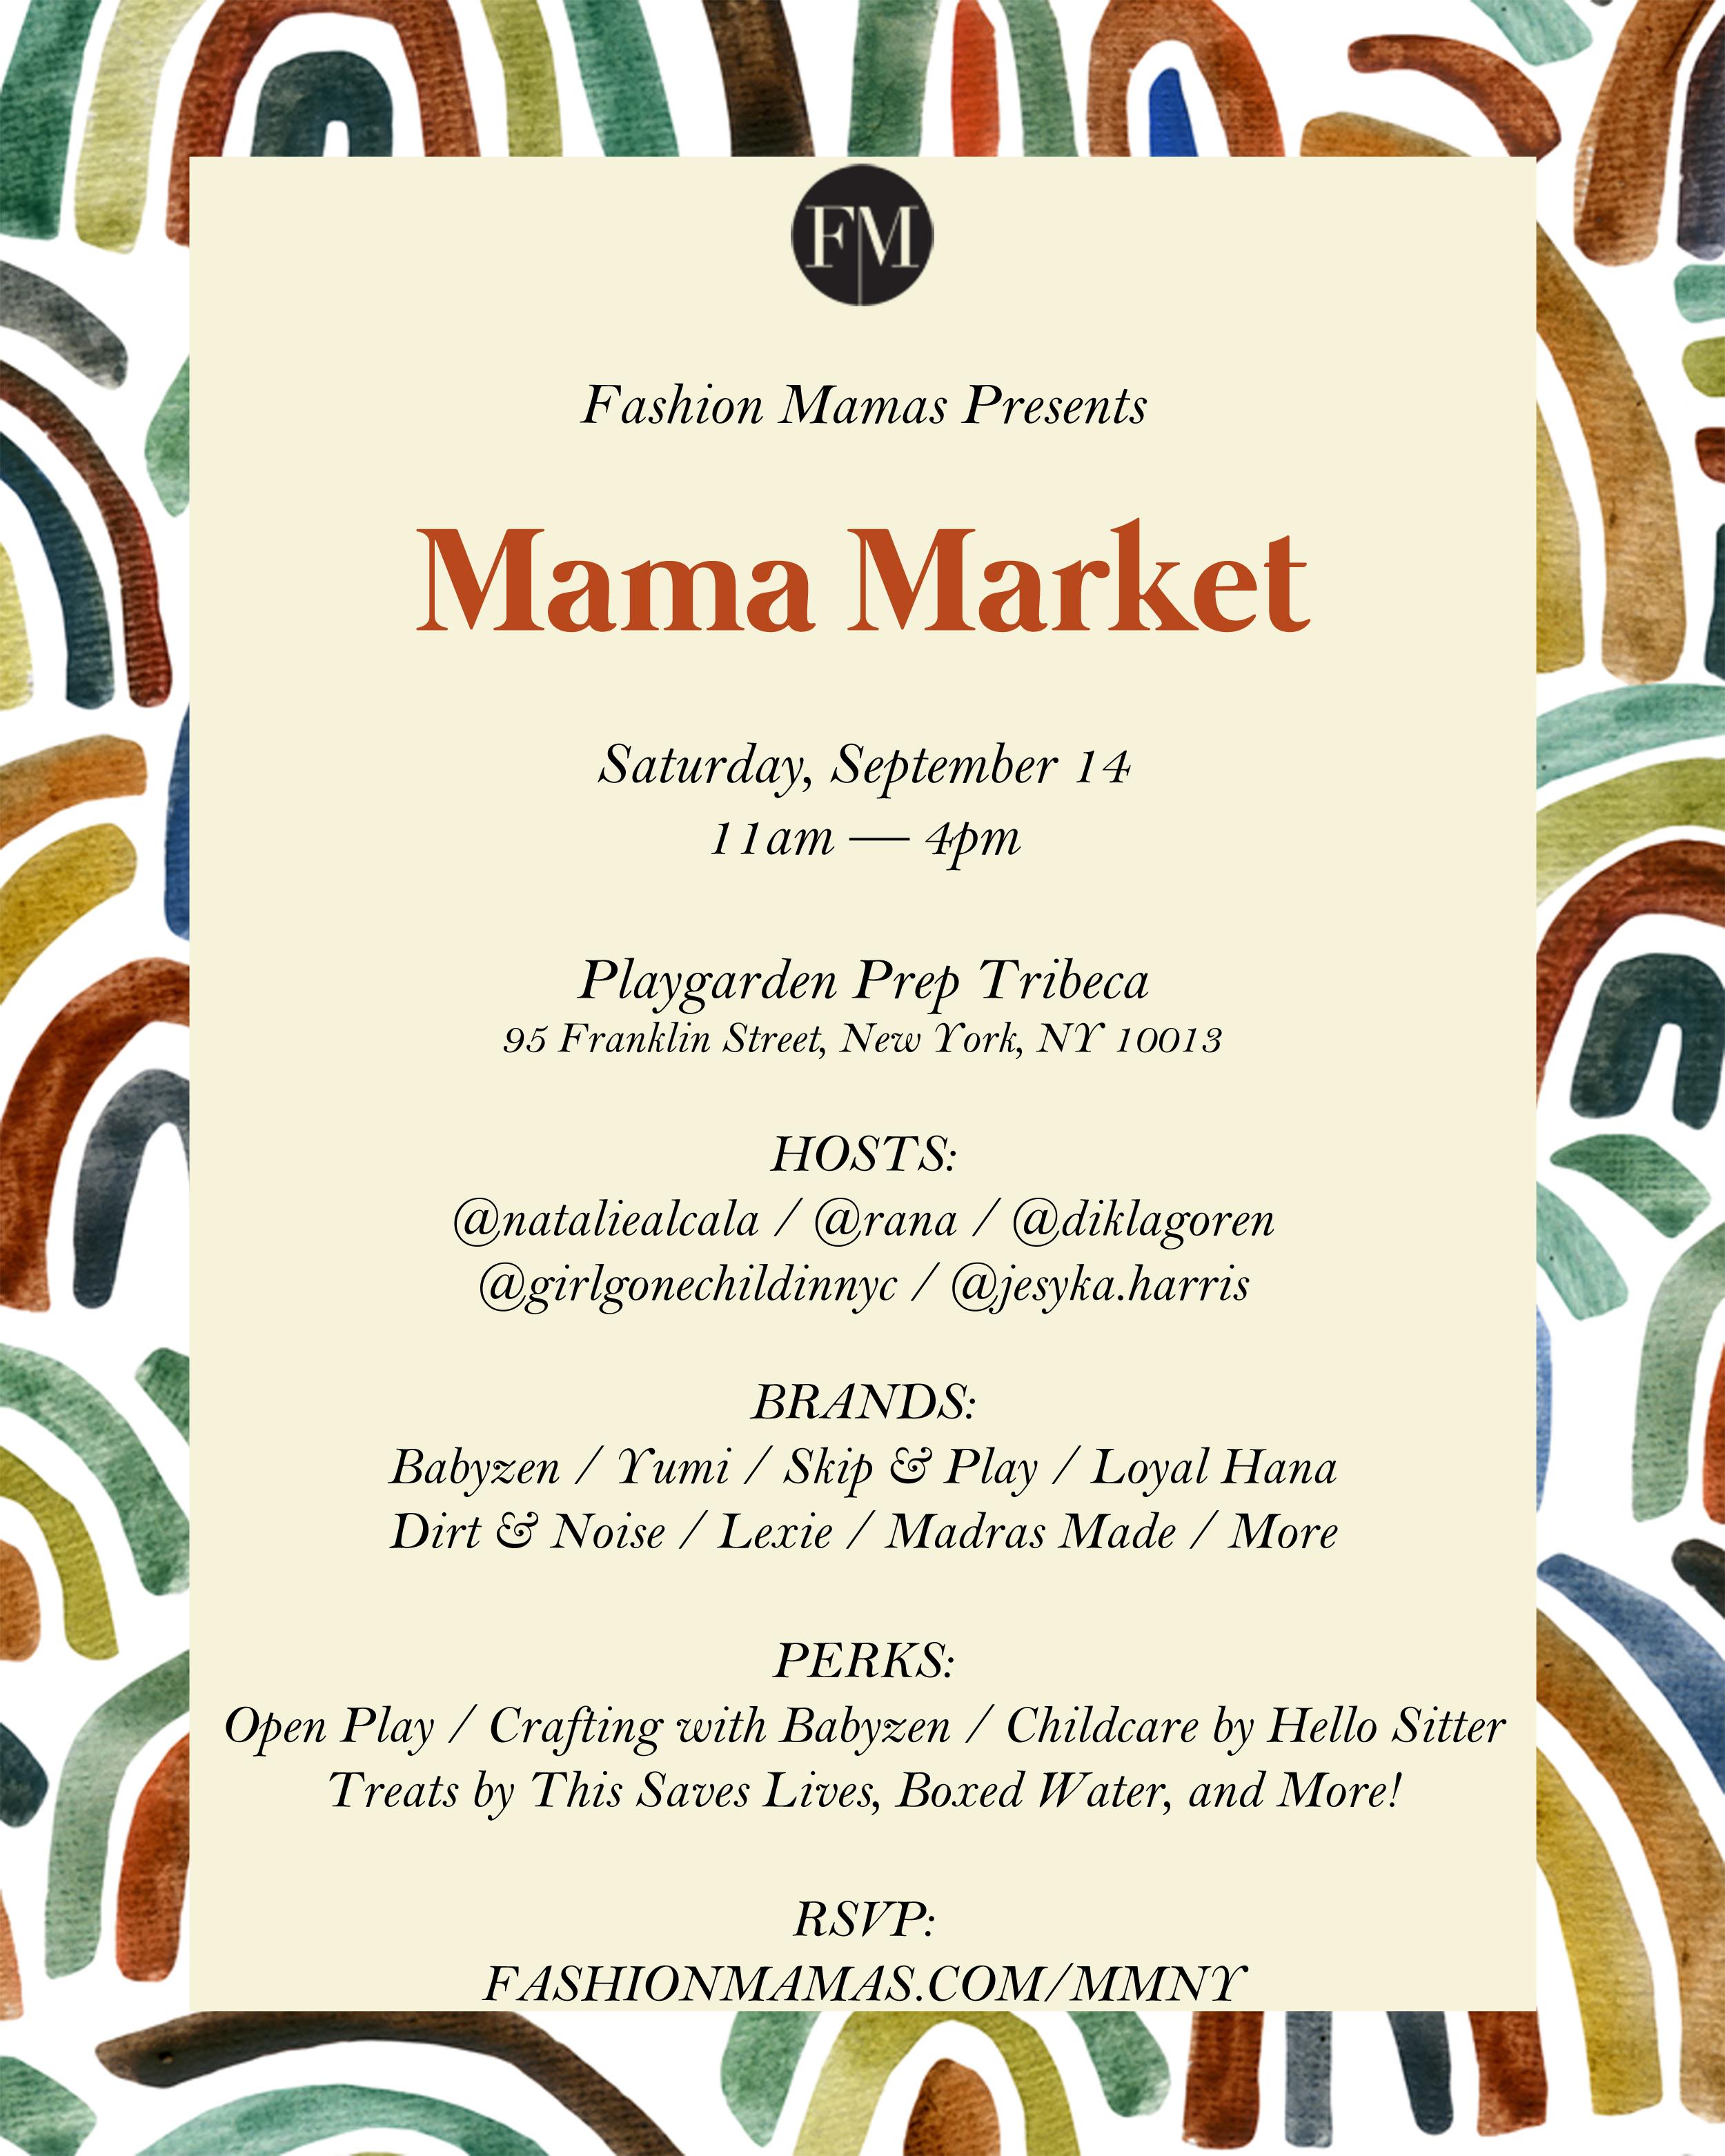 Mama Market NY - FLYER 2019-4.jpg